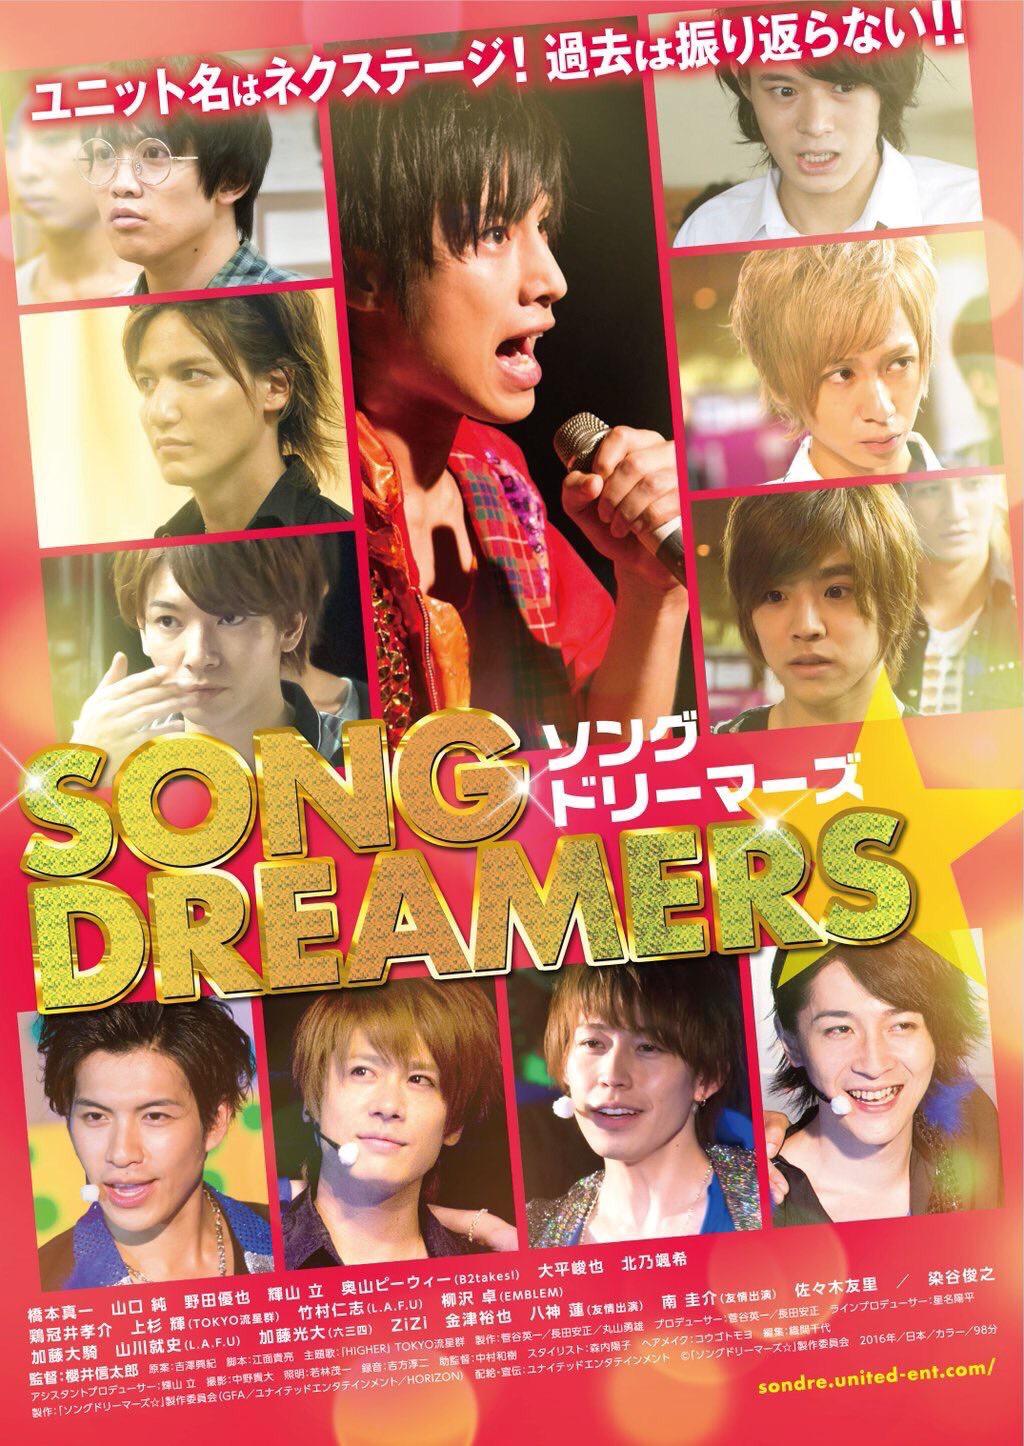 映画「ソングドリーマーズ☆」DVD発売記念振り返りイベント 3部